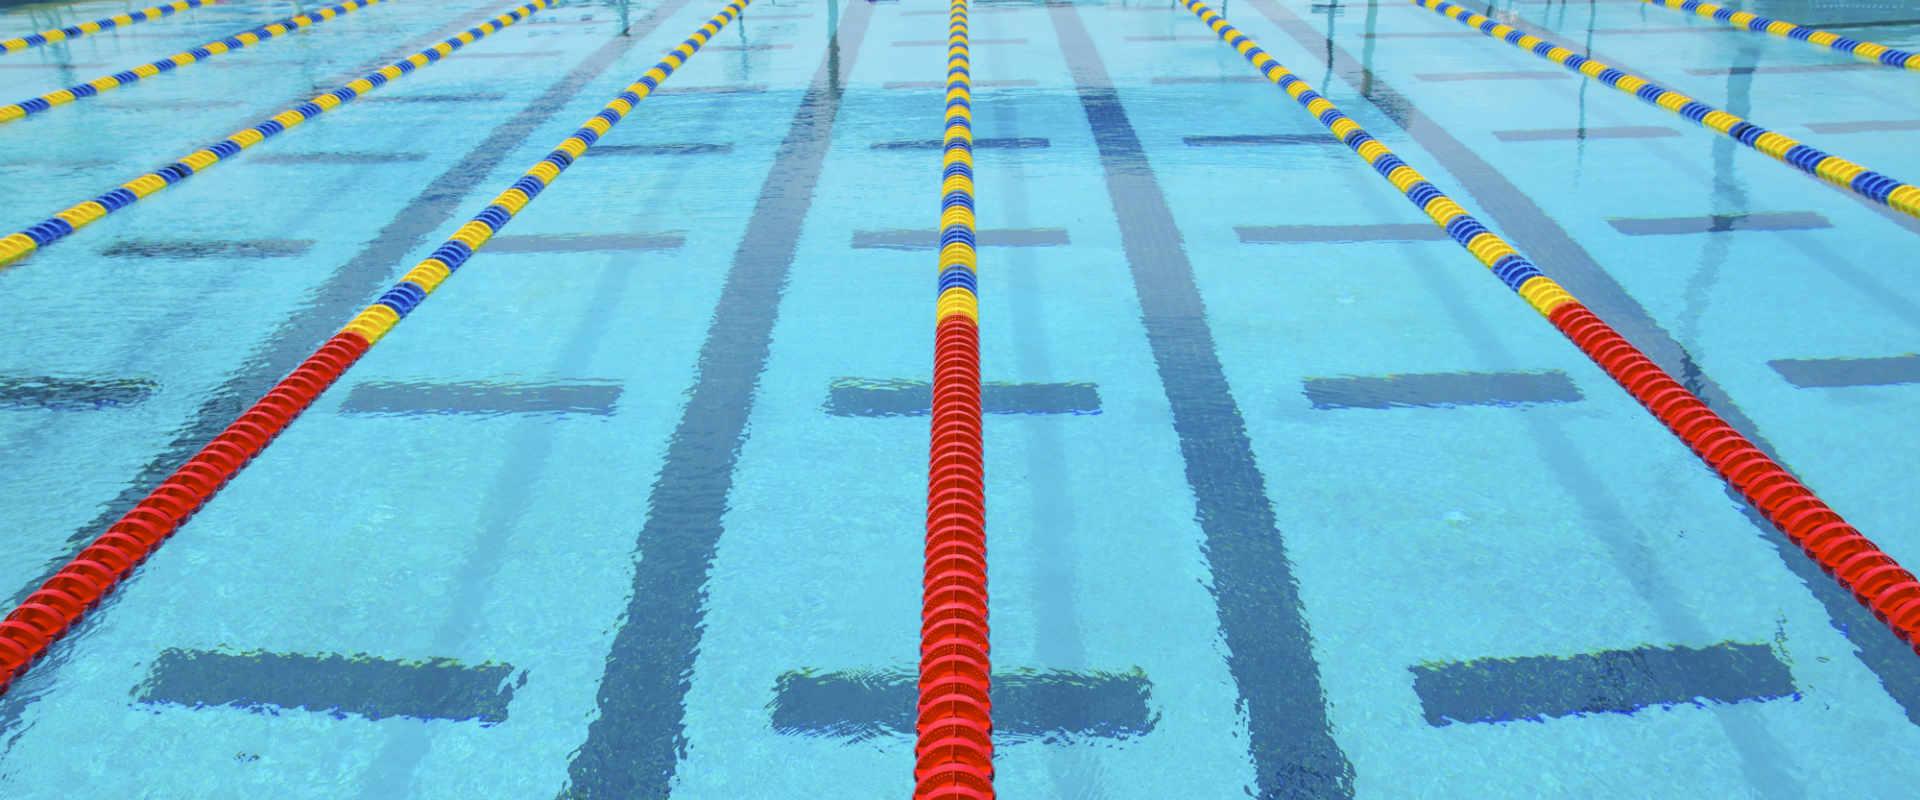 ילד בן תשע טבע למוות בבריכה באר שבע